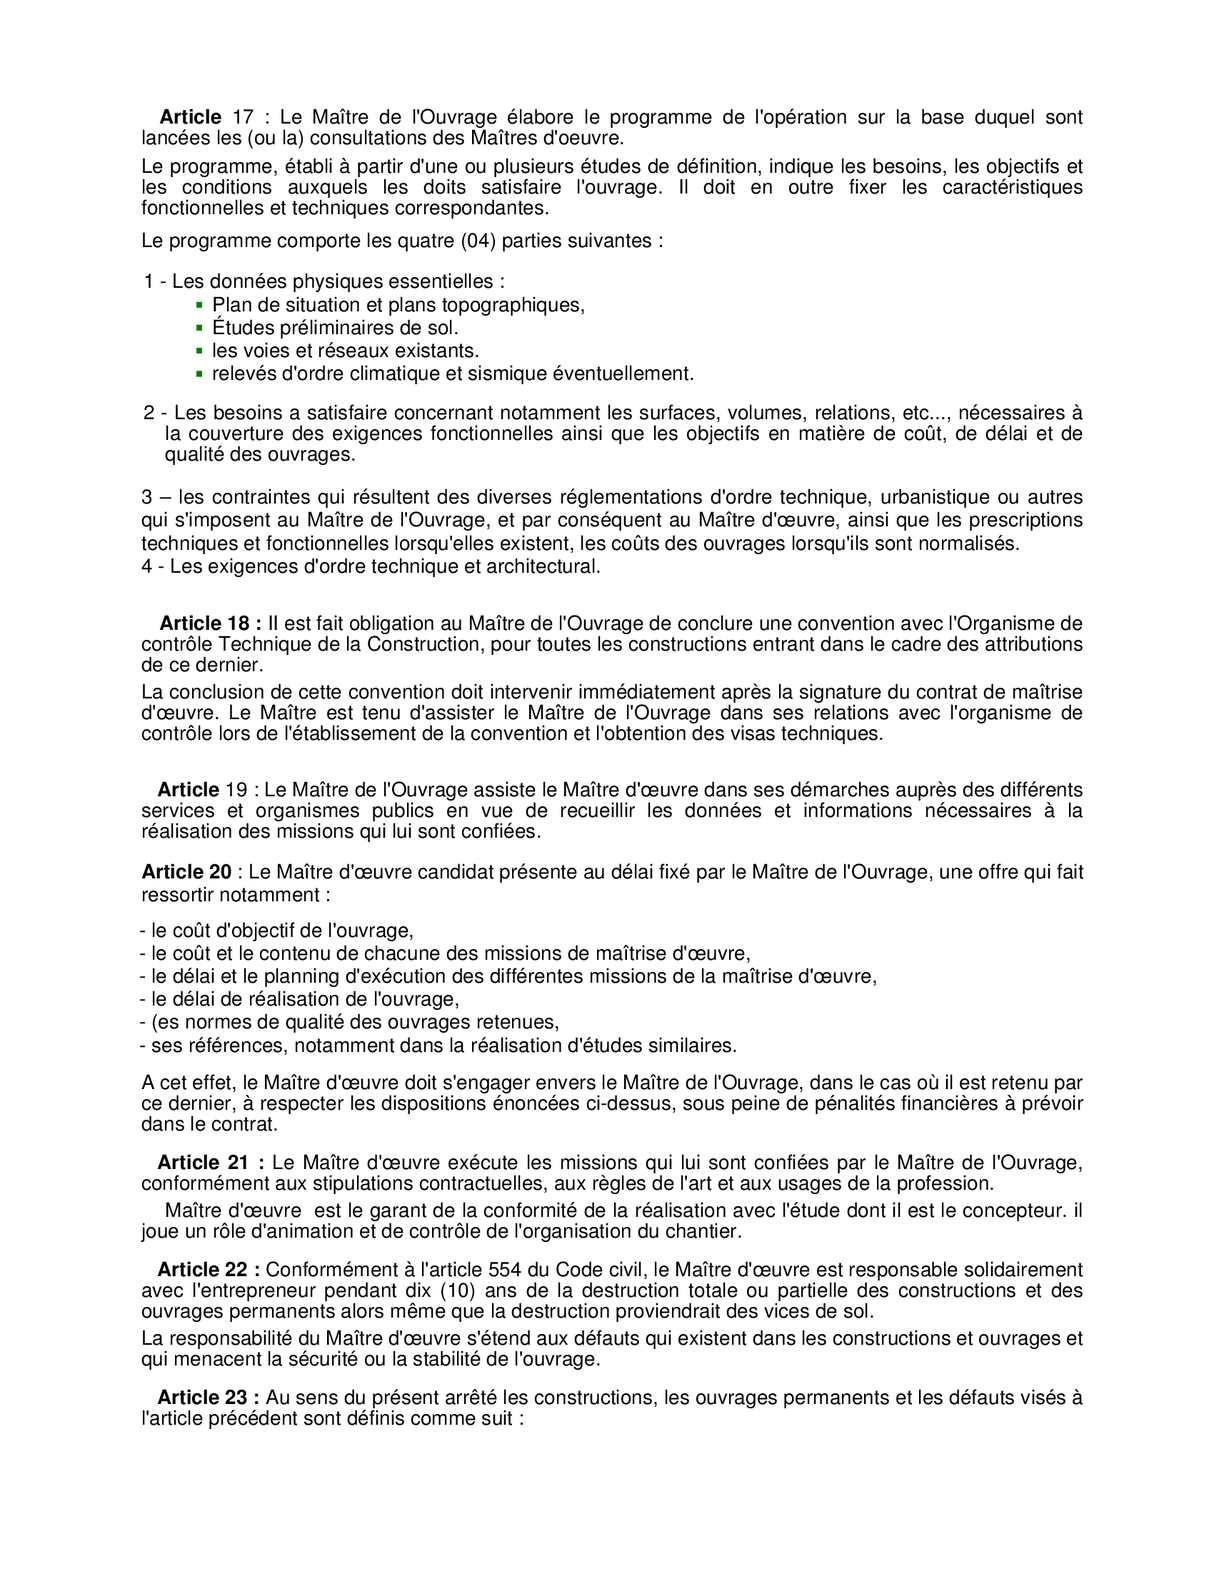 Sens Dessus De Sou Definition : dessus, definition, Maîtrise, D'oeuvre, Francais, CALAMEO, Downloader